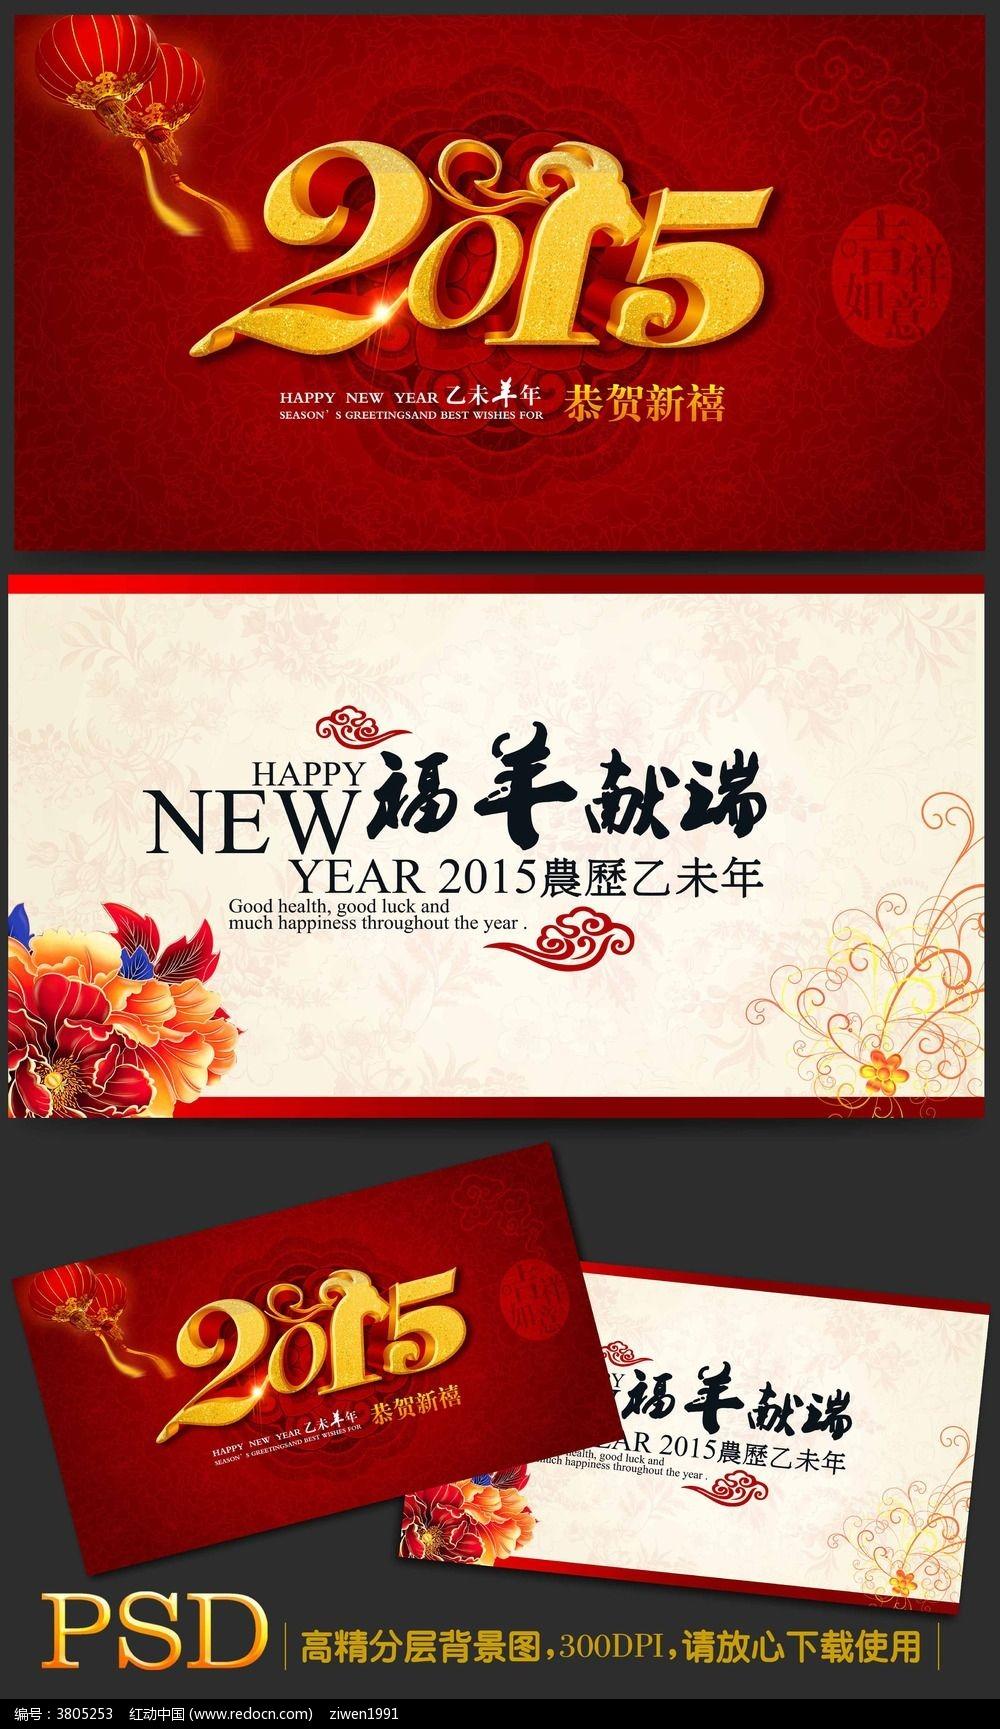 2015羊年春节明信片图片